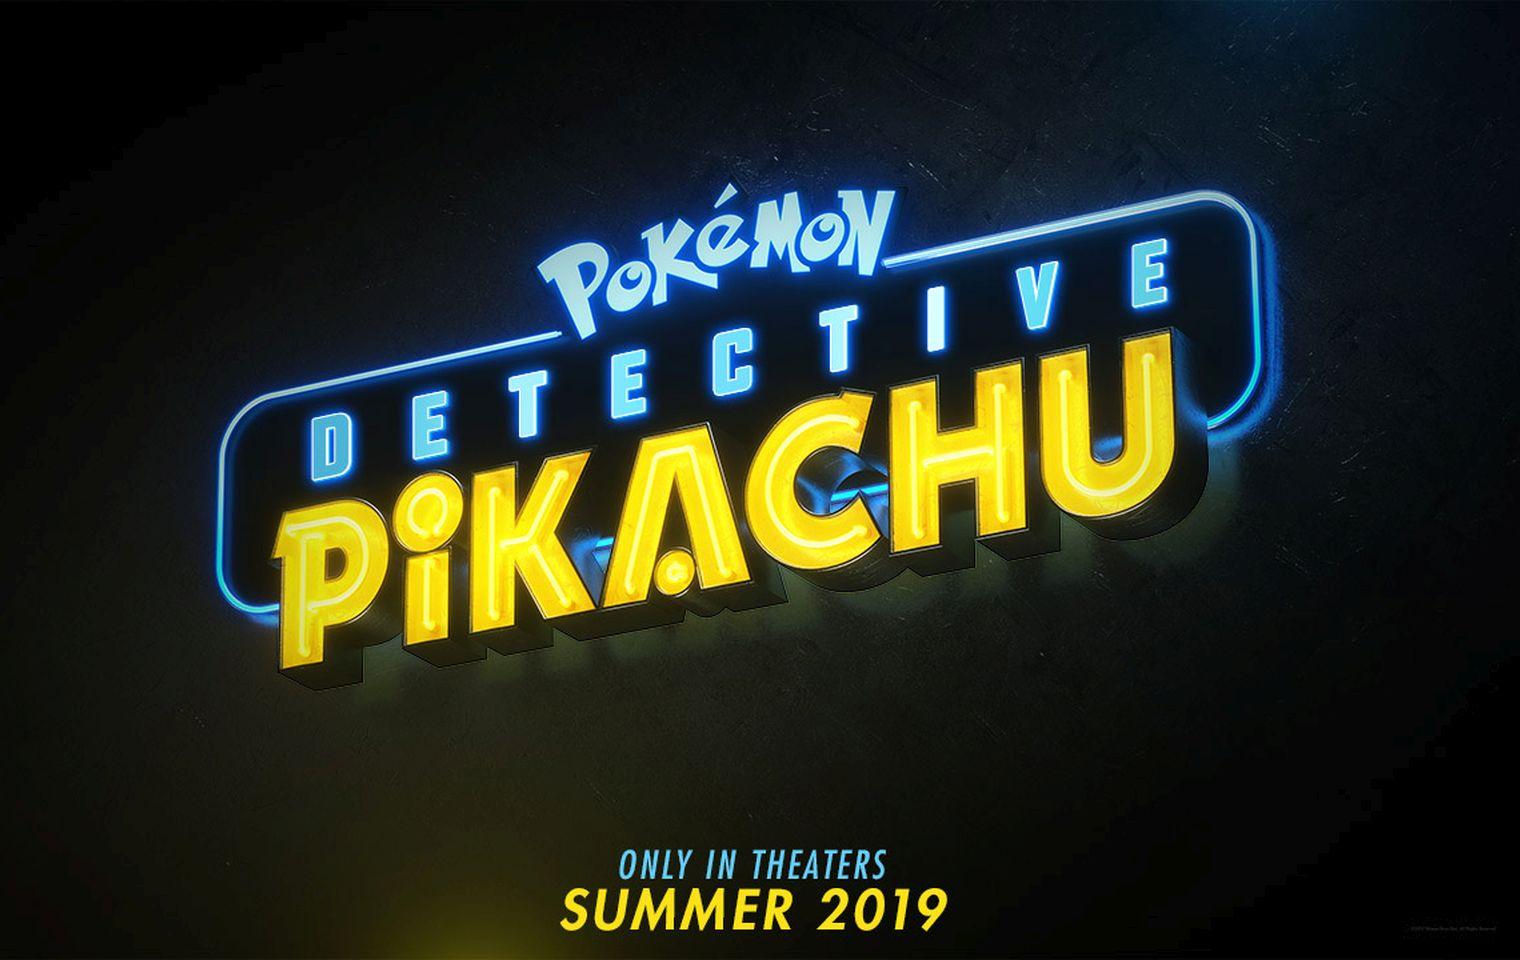 Pokémon Meisterdetektiv Pikachu: Erster Trailer mit Ryan Reynolds als sprechendes Pokémon